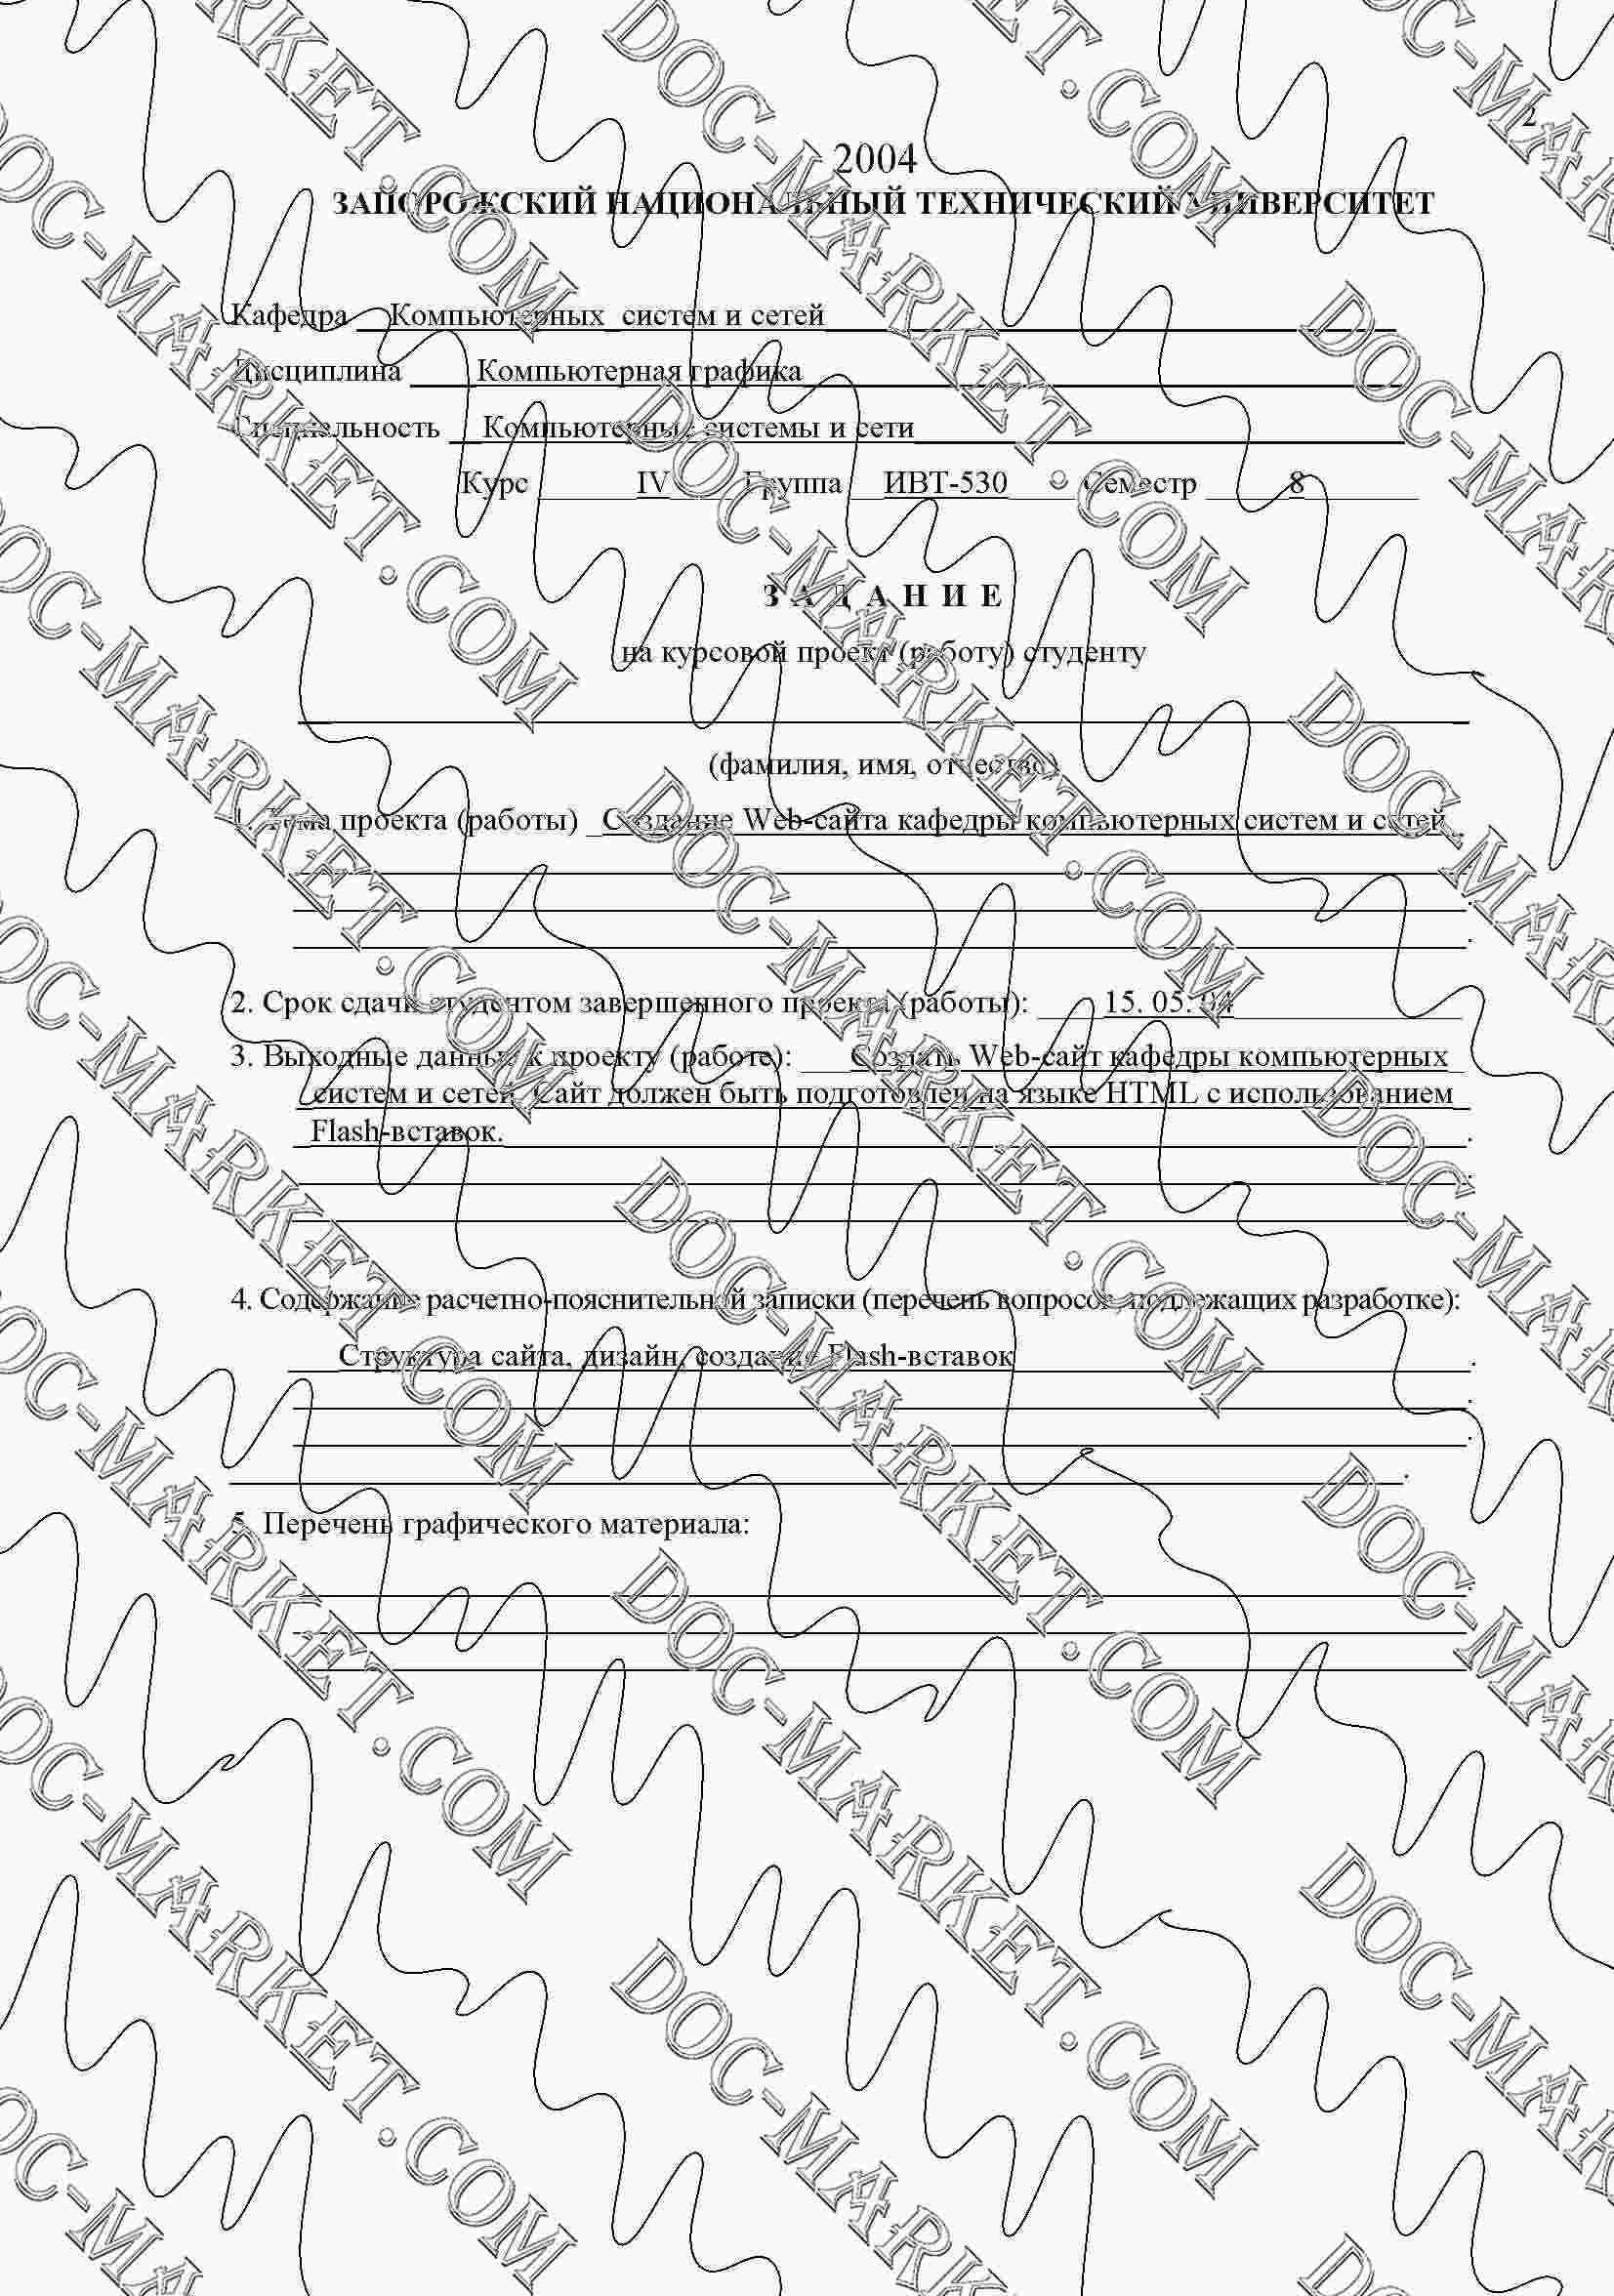 Курсовая работа Создание web сайта кафедры компьютерных систем и  диплом компьютеры системы скачать